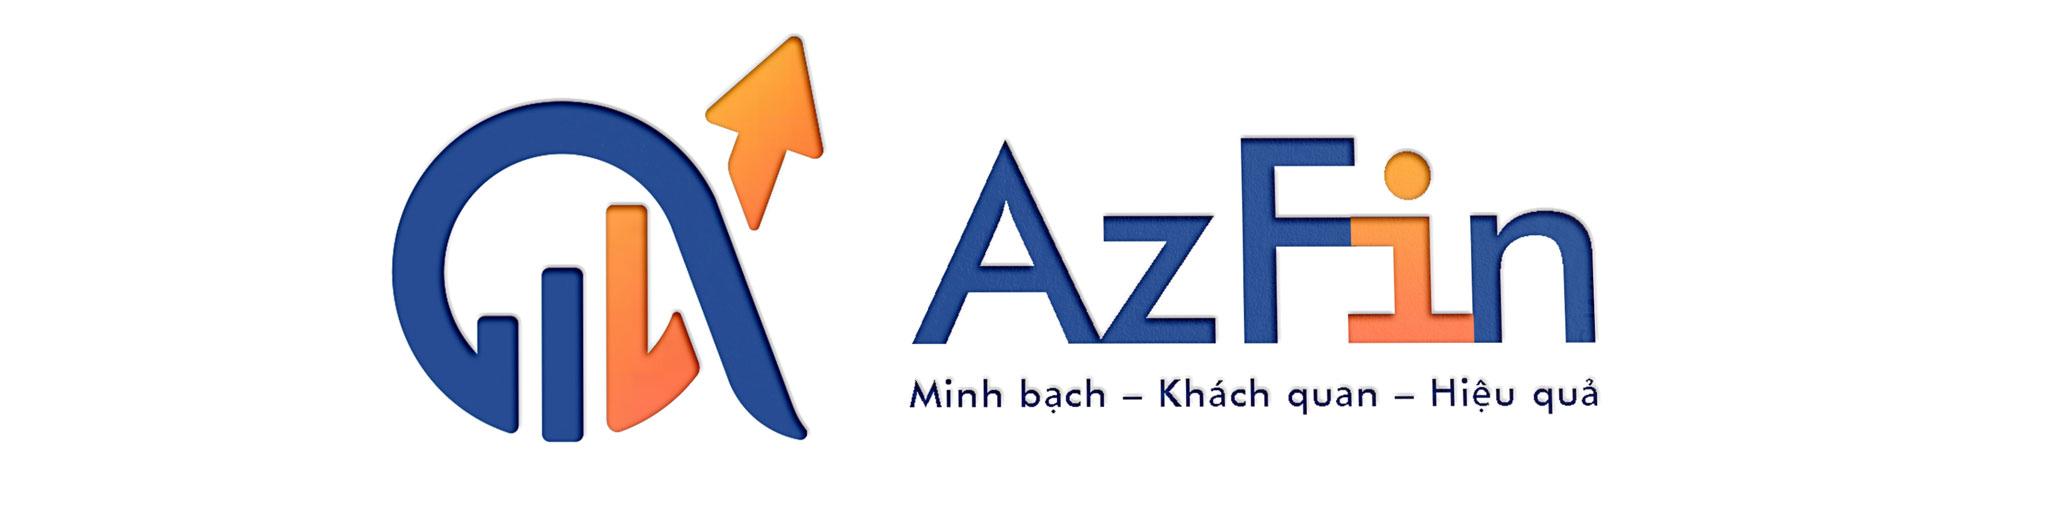 AzFin Vietnam, đầu tư chứng khoán khách quan, minh bạch, hiệu quả logo